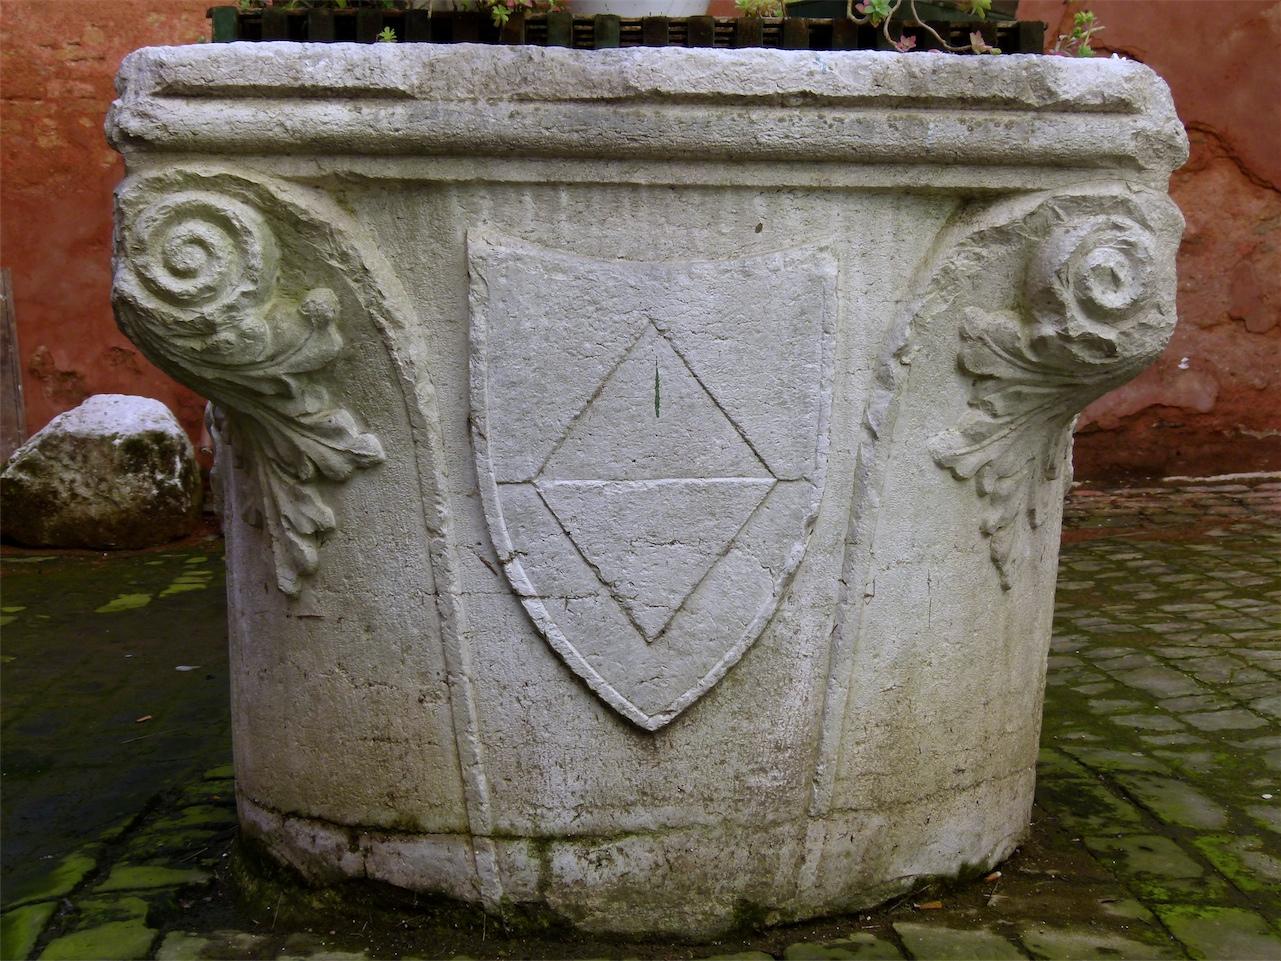 elementi decorativi (vera da pozzo, opera isolata) - produzione veneziana (sec. XV)